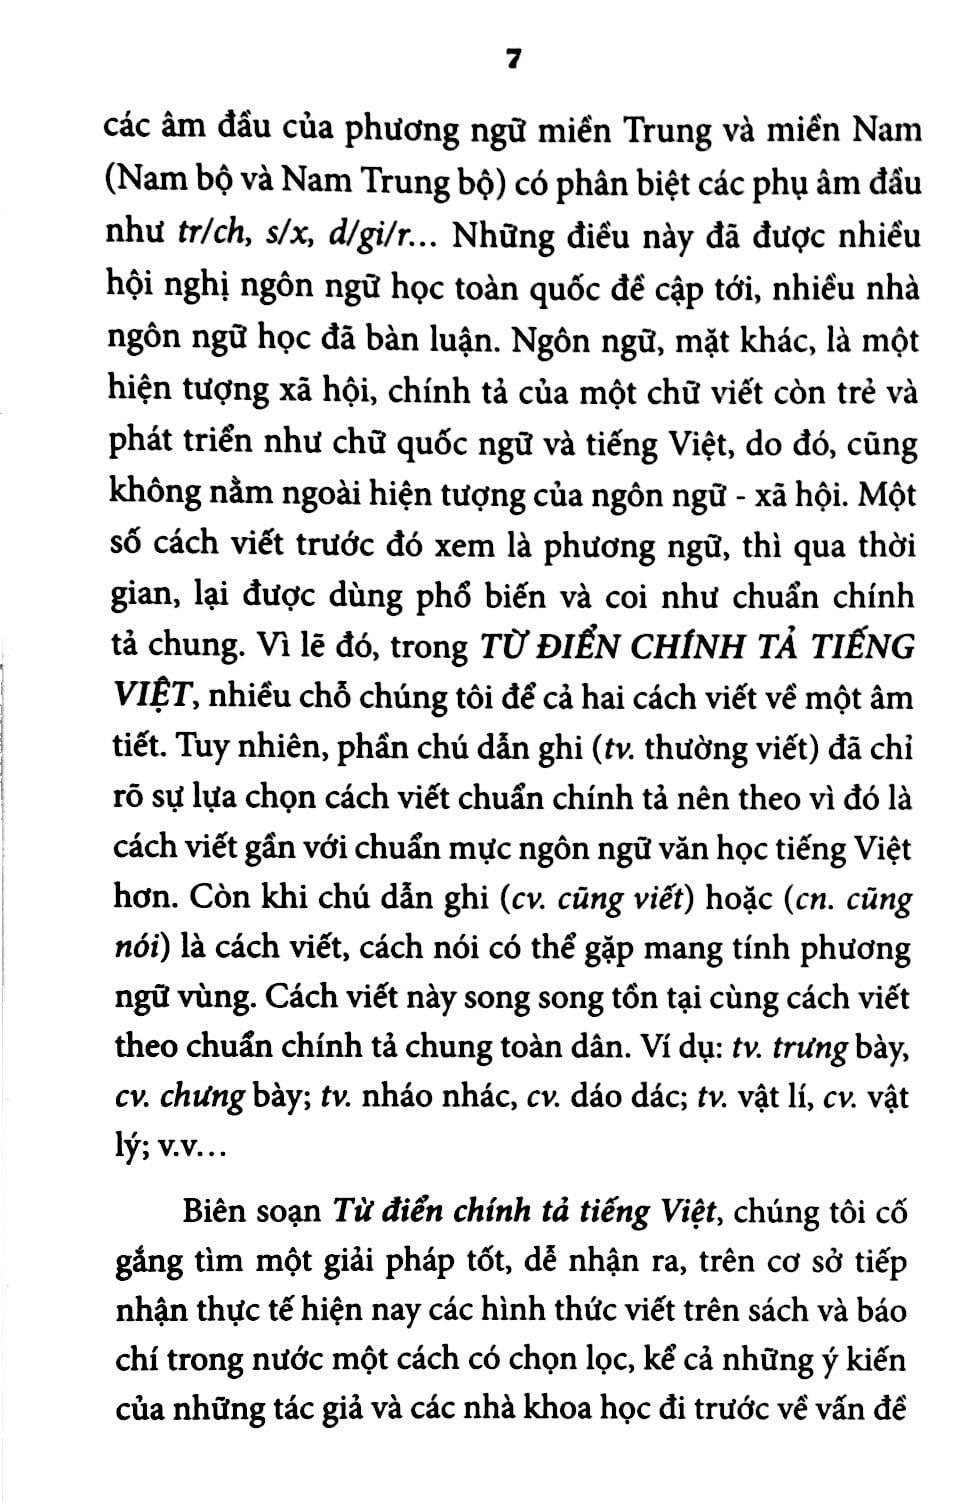 Từ Điển Chính Tả Tiếng Việt - In Lần Thứ 8 (Bìa Cứng)